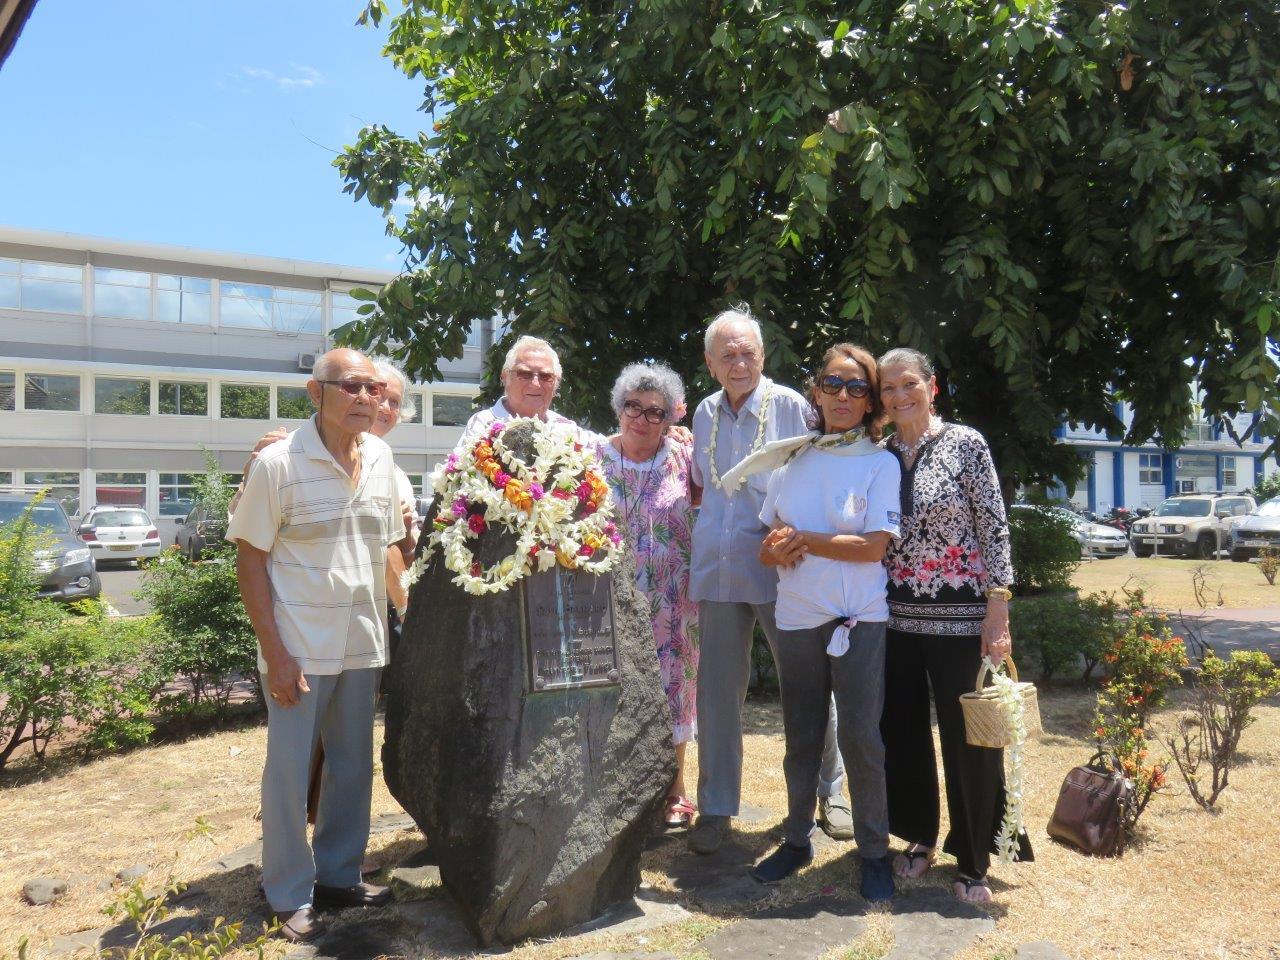 Comme tous les ans, les anciens du monde de l'aéronautique de Tahiti se sont réunis pour rendre hommage à la mémoire de Paul Bernard.